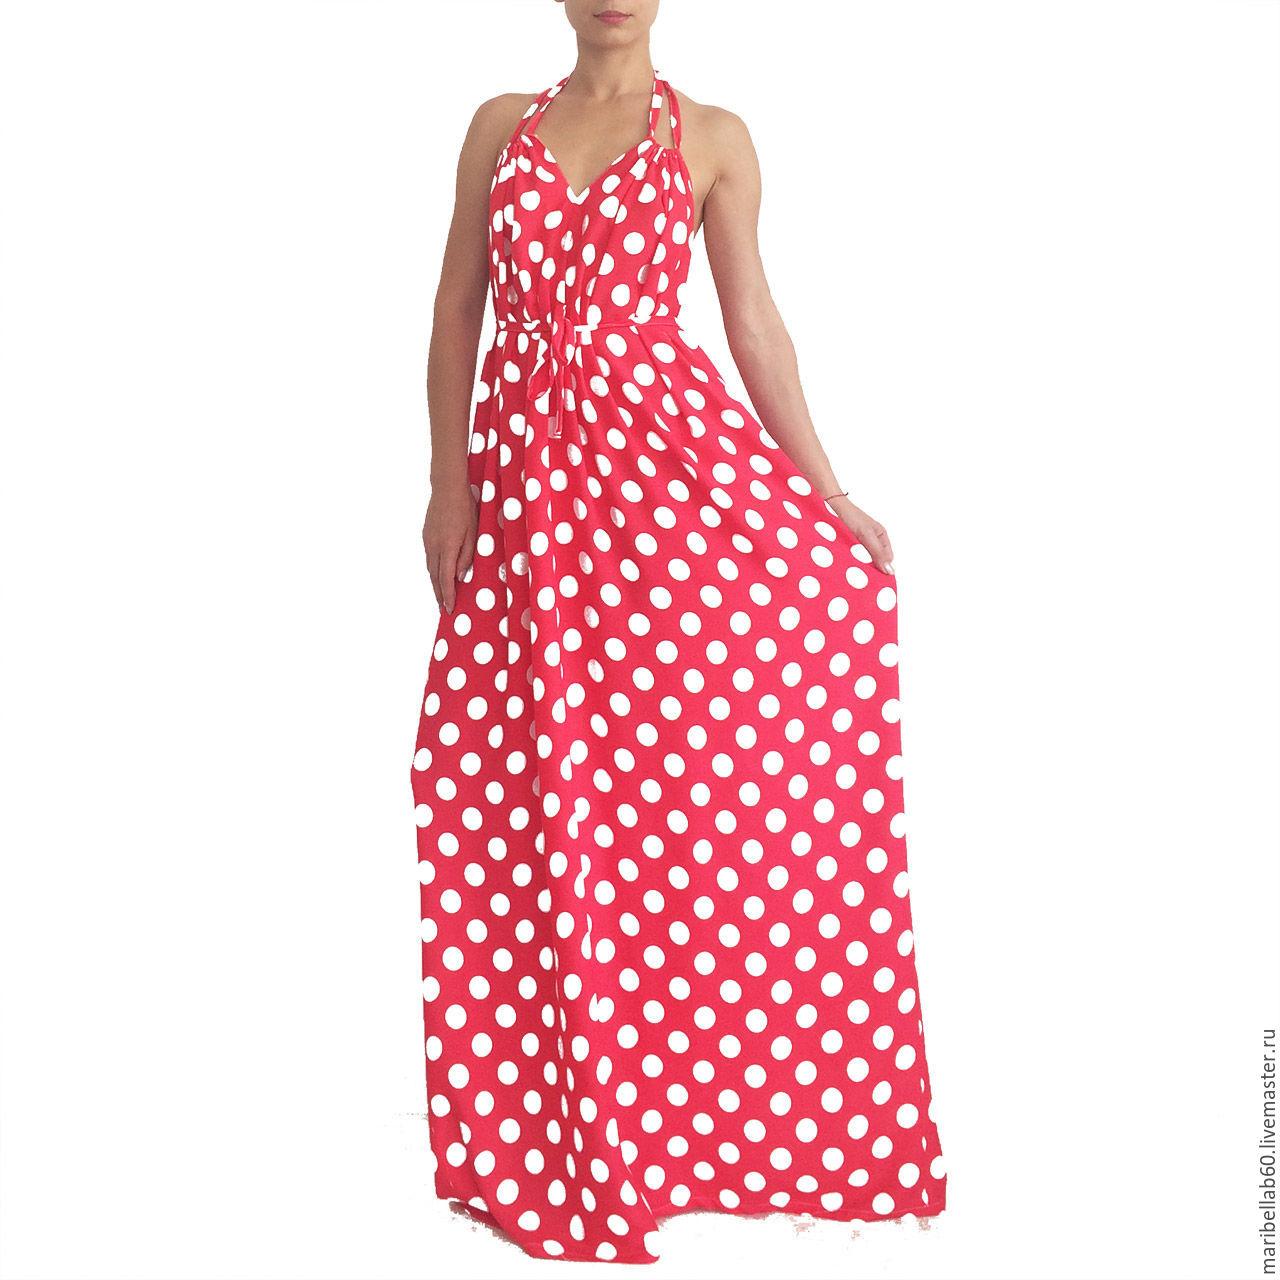 6a9e83975aa Купить Ретро платье в горошек - · Платья ручной работы. Ретро платье в  горошек -